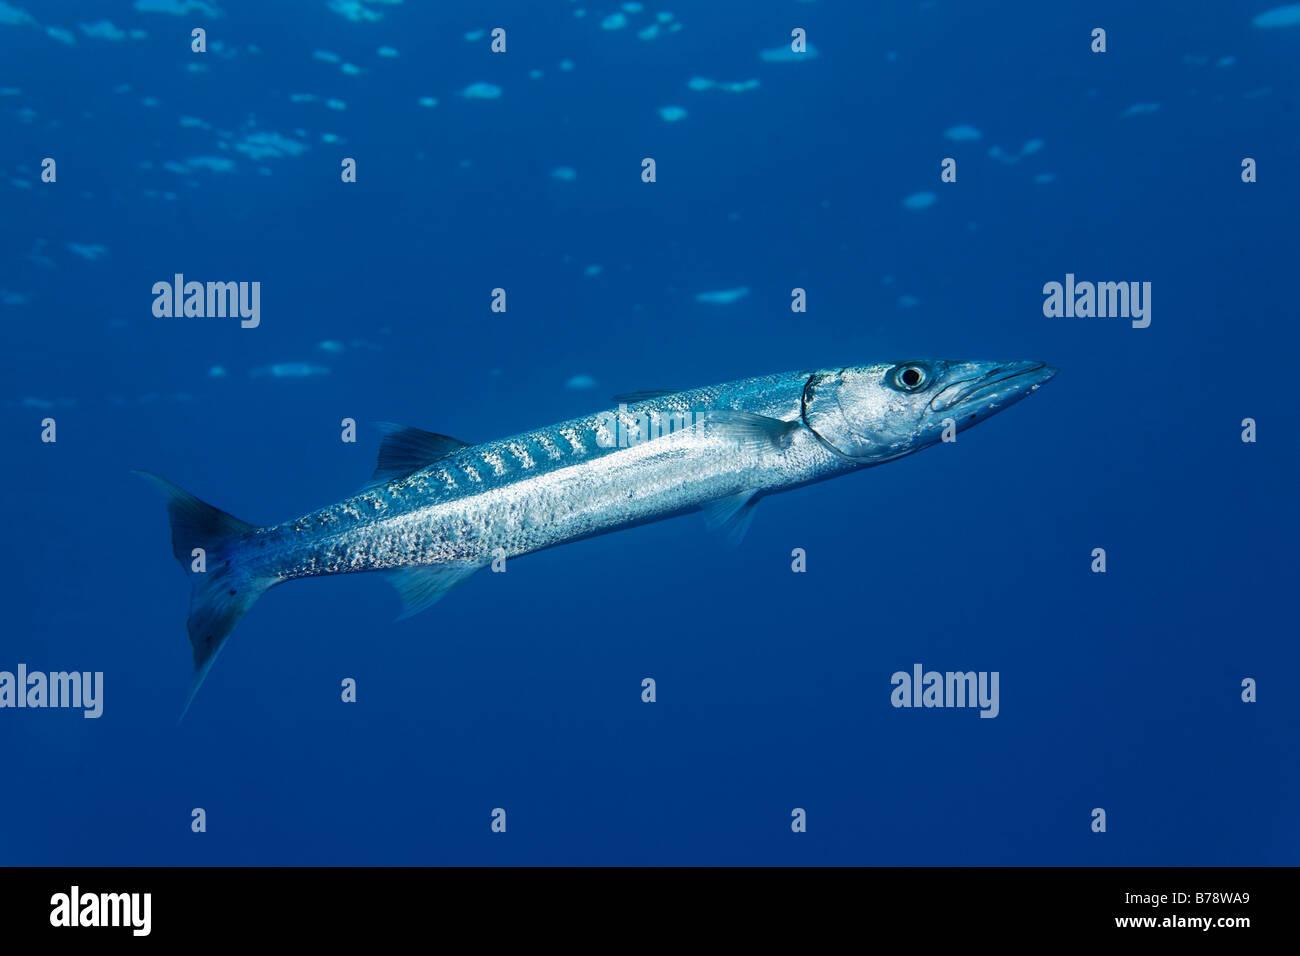 Blackfin Barracudas (größten Qenie) im blauen Wasser, Daedalus Riff, Hurghada, Rotes Meer, Ägypten, Stockbild